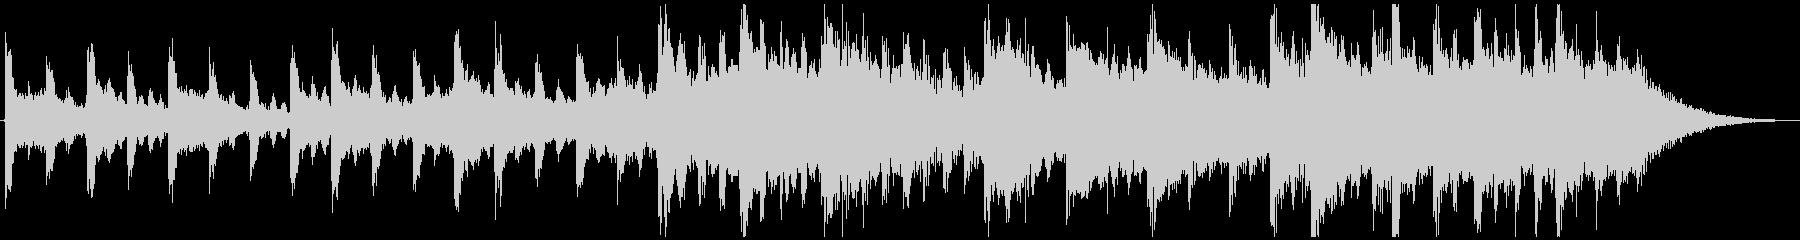 代替案 ポップ 現代的 交響曲 コ...の未再生の波形